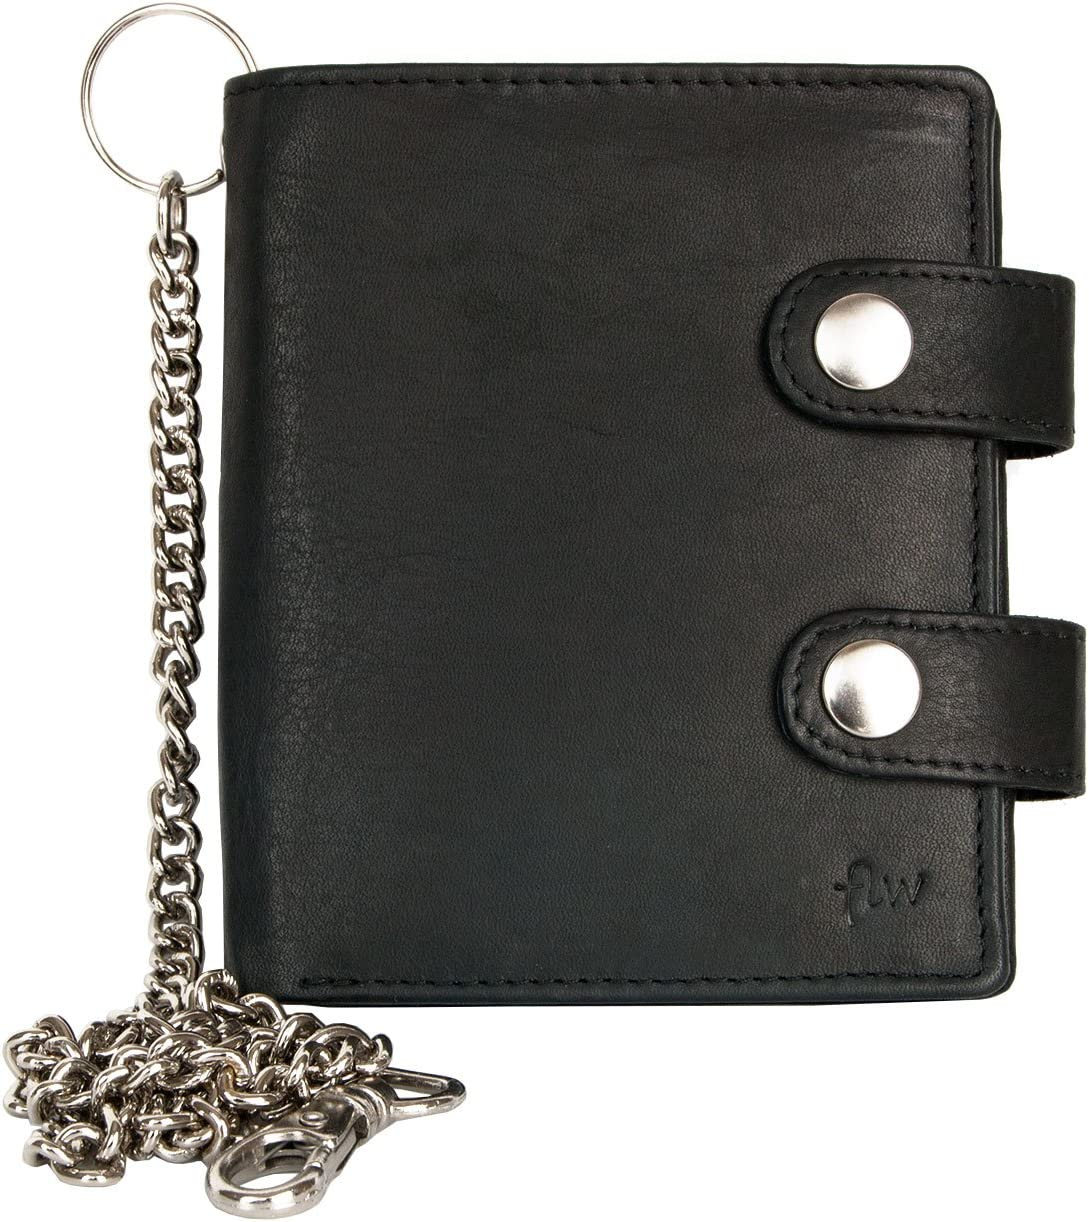 FLW Cartera grande negro estilo motero de cuero con cadena de metal